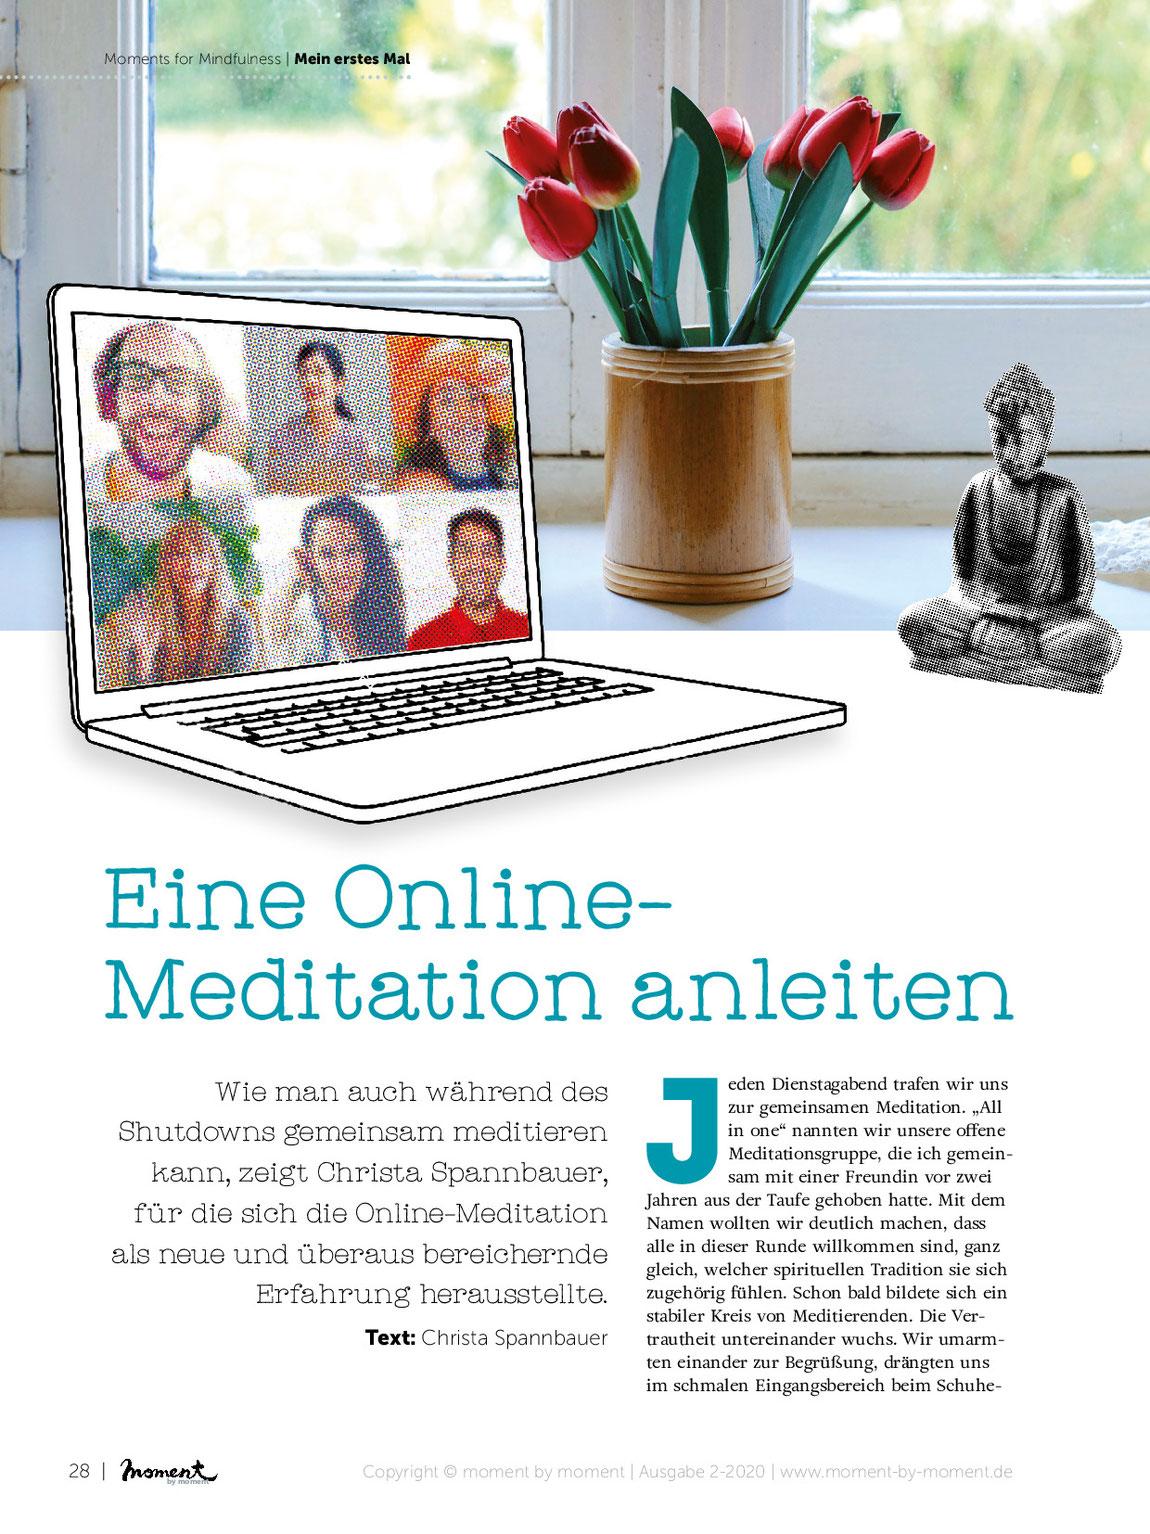 Online-Meditation mit Christa Spannbauer